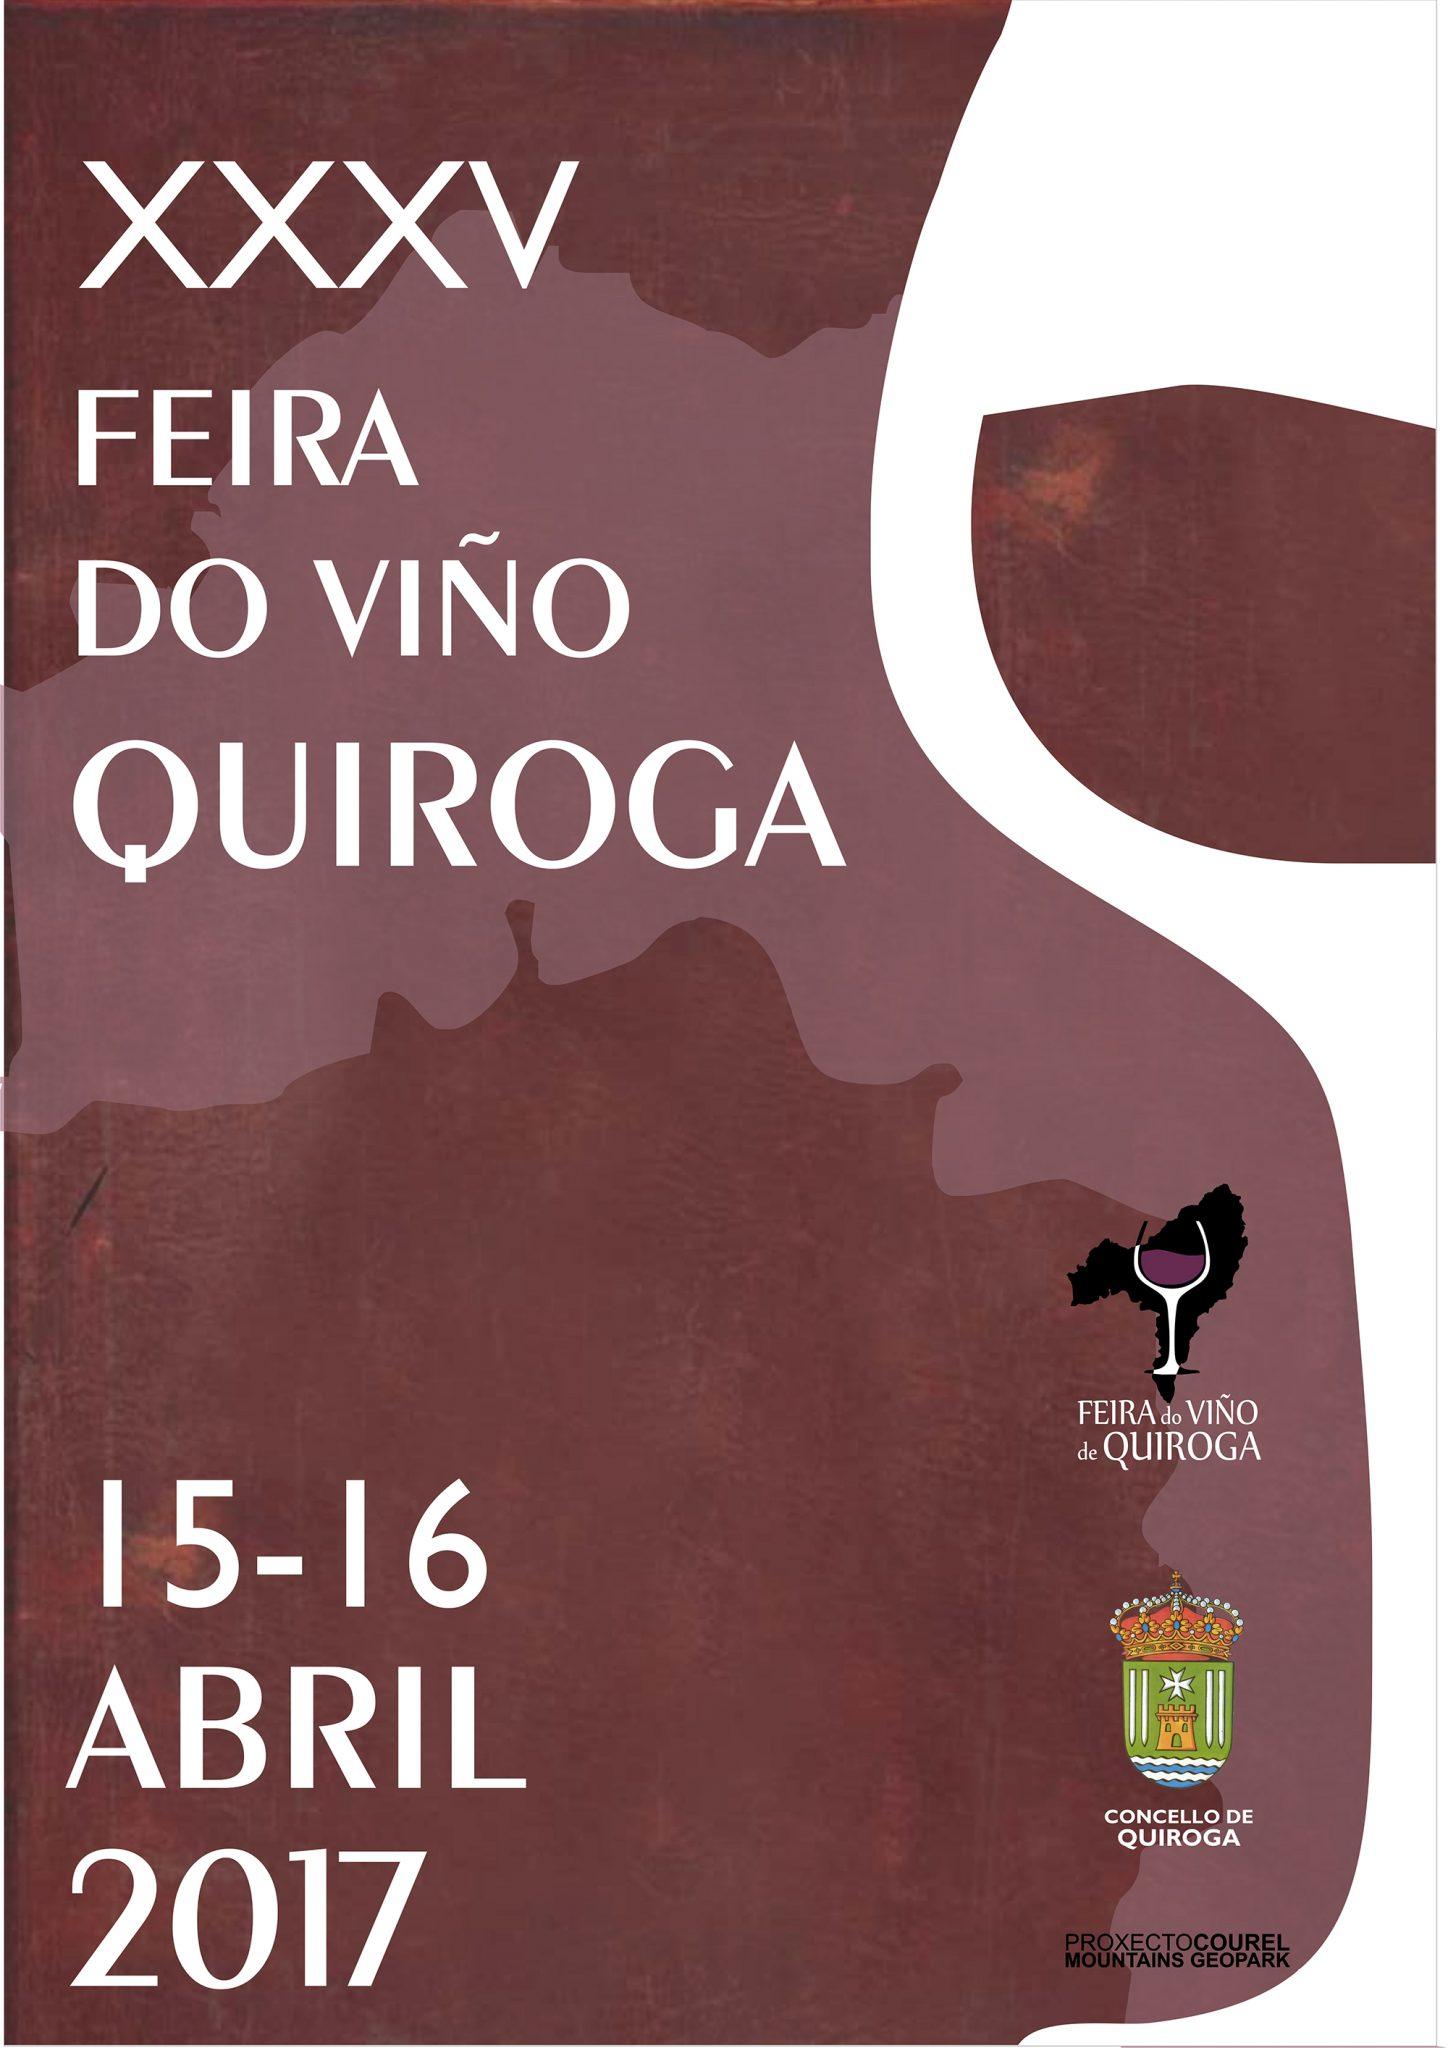 Cartel de la XXXV Feria del Vino de Quiroga